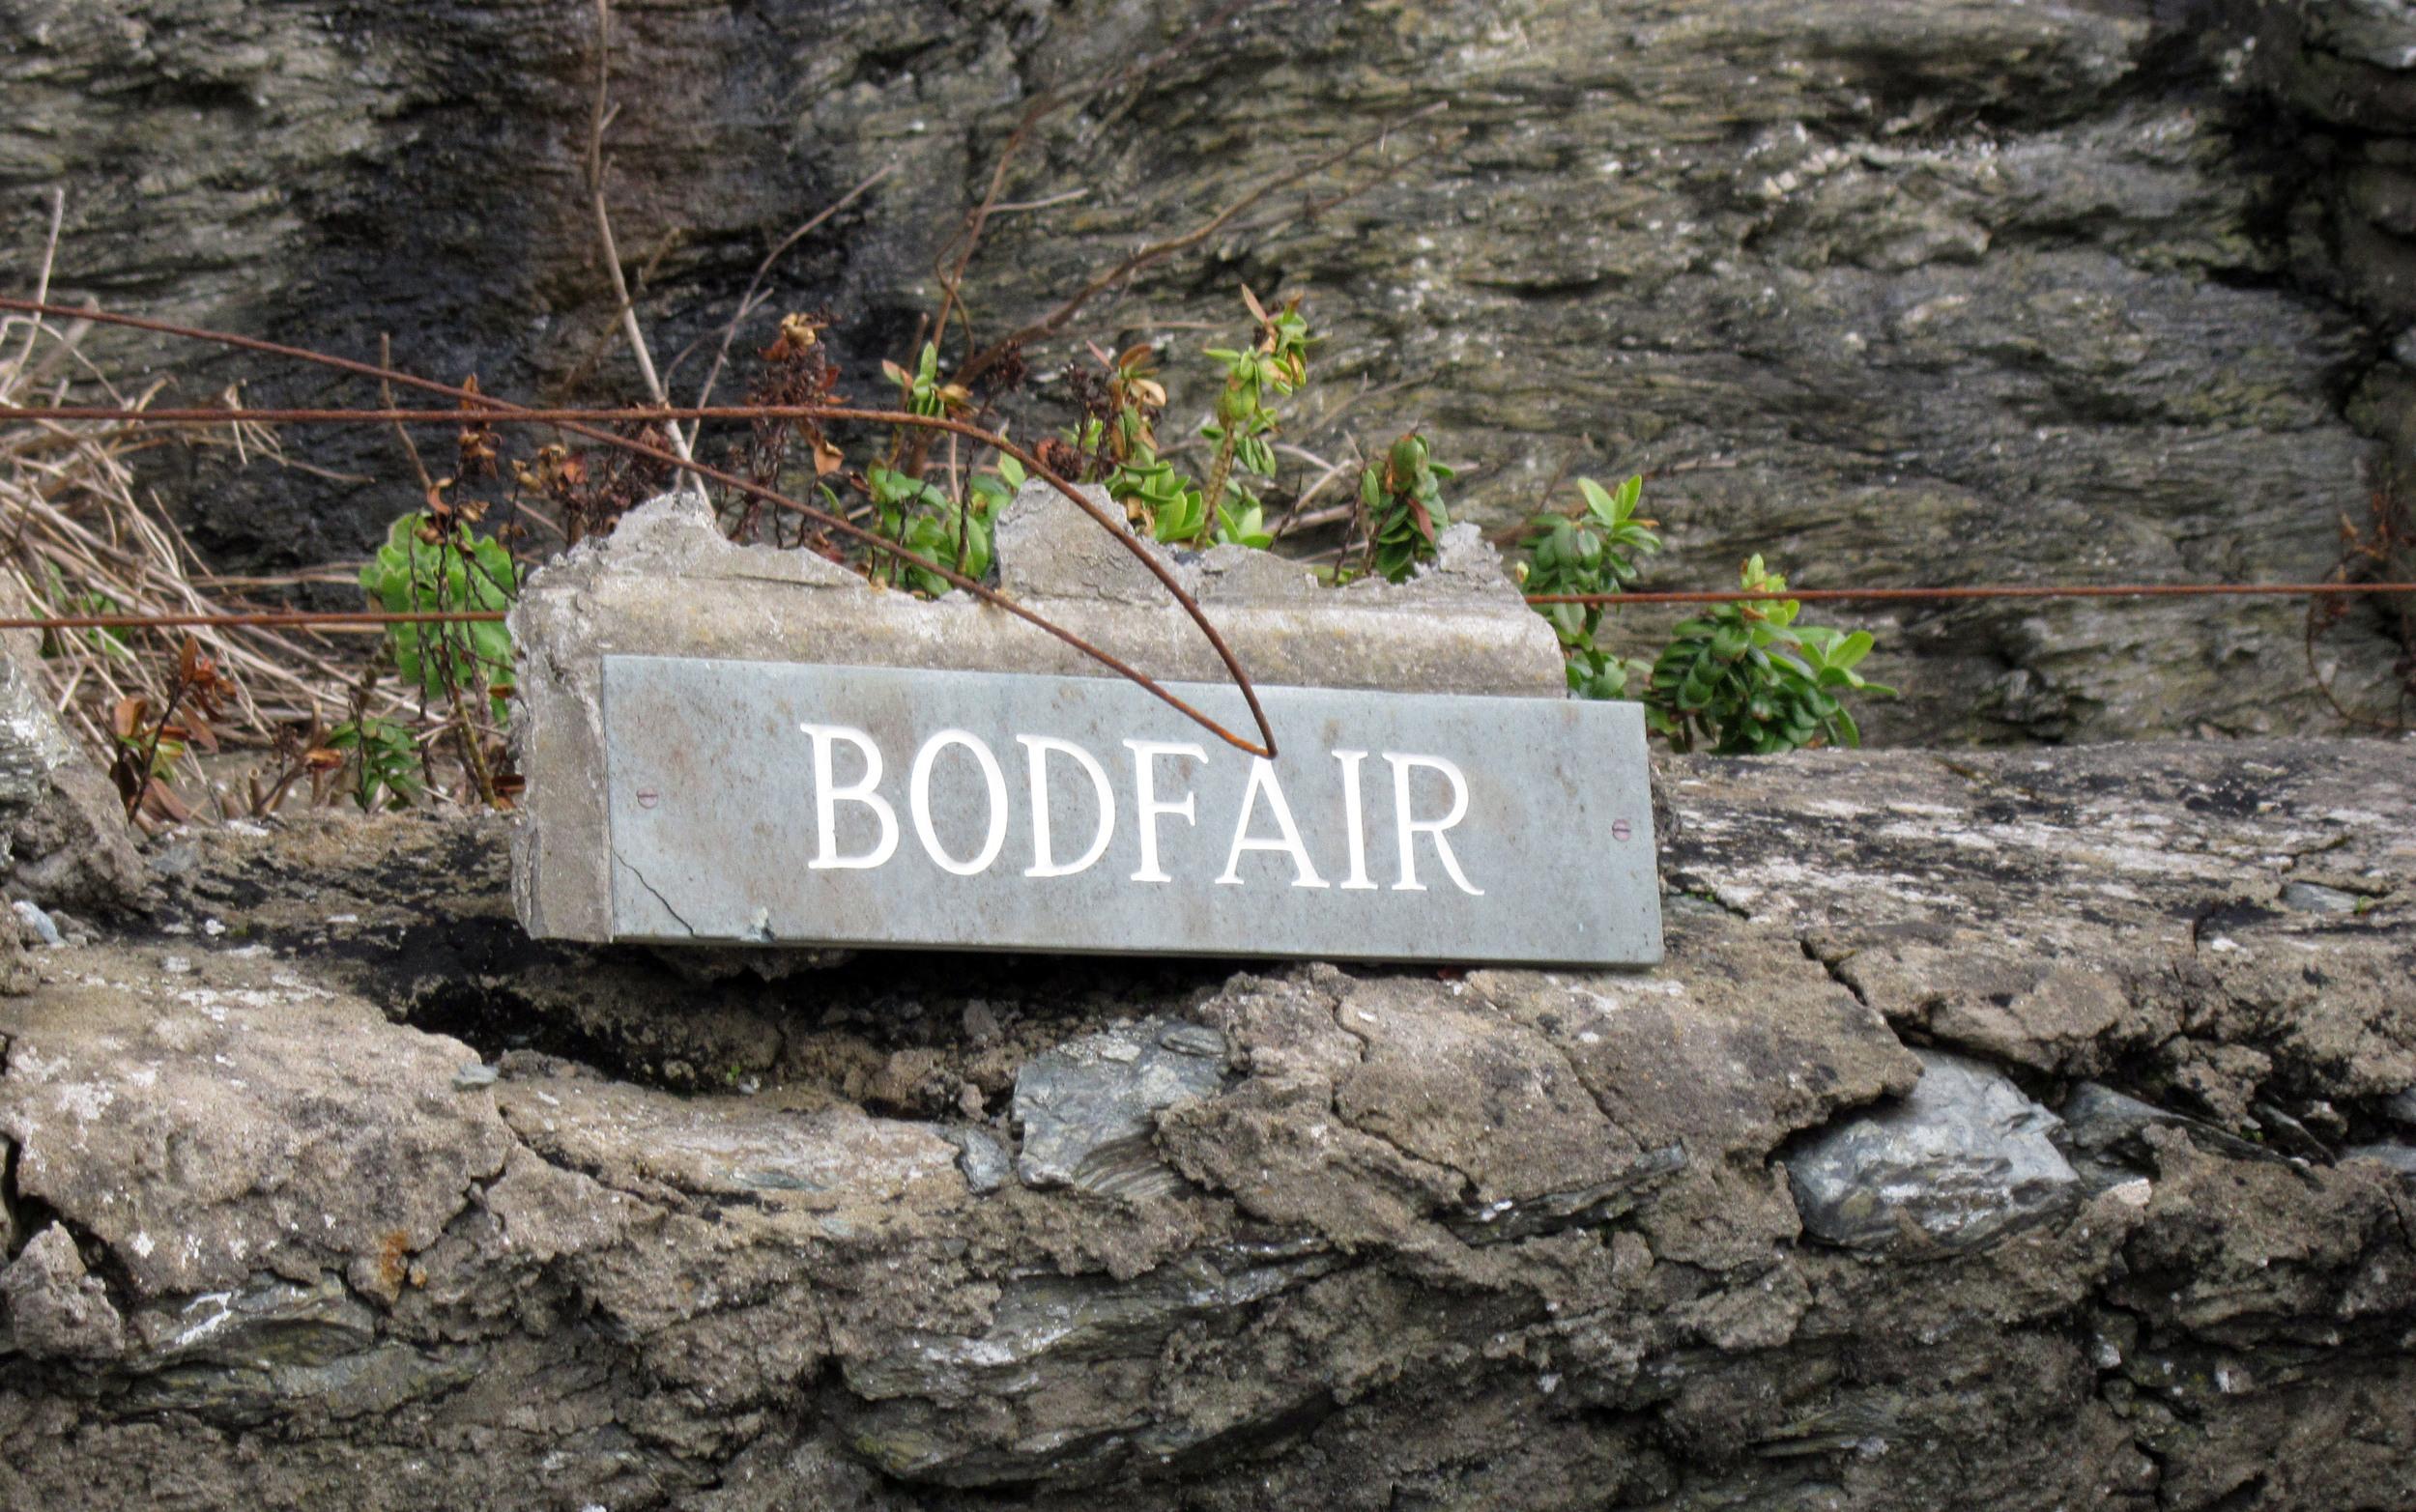 Bodfair 1